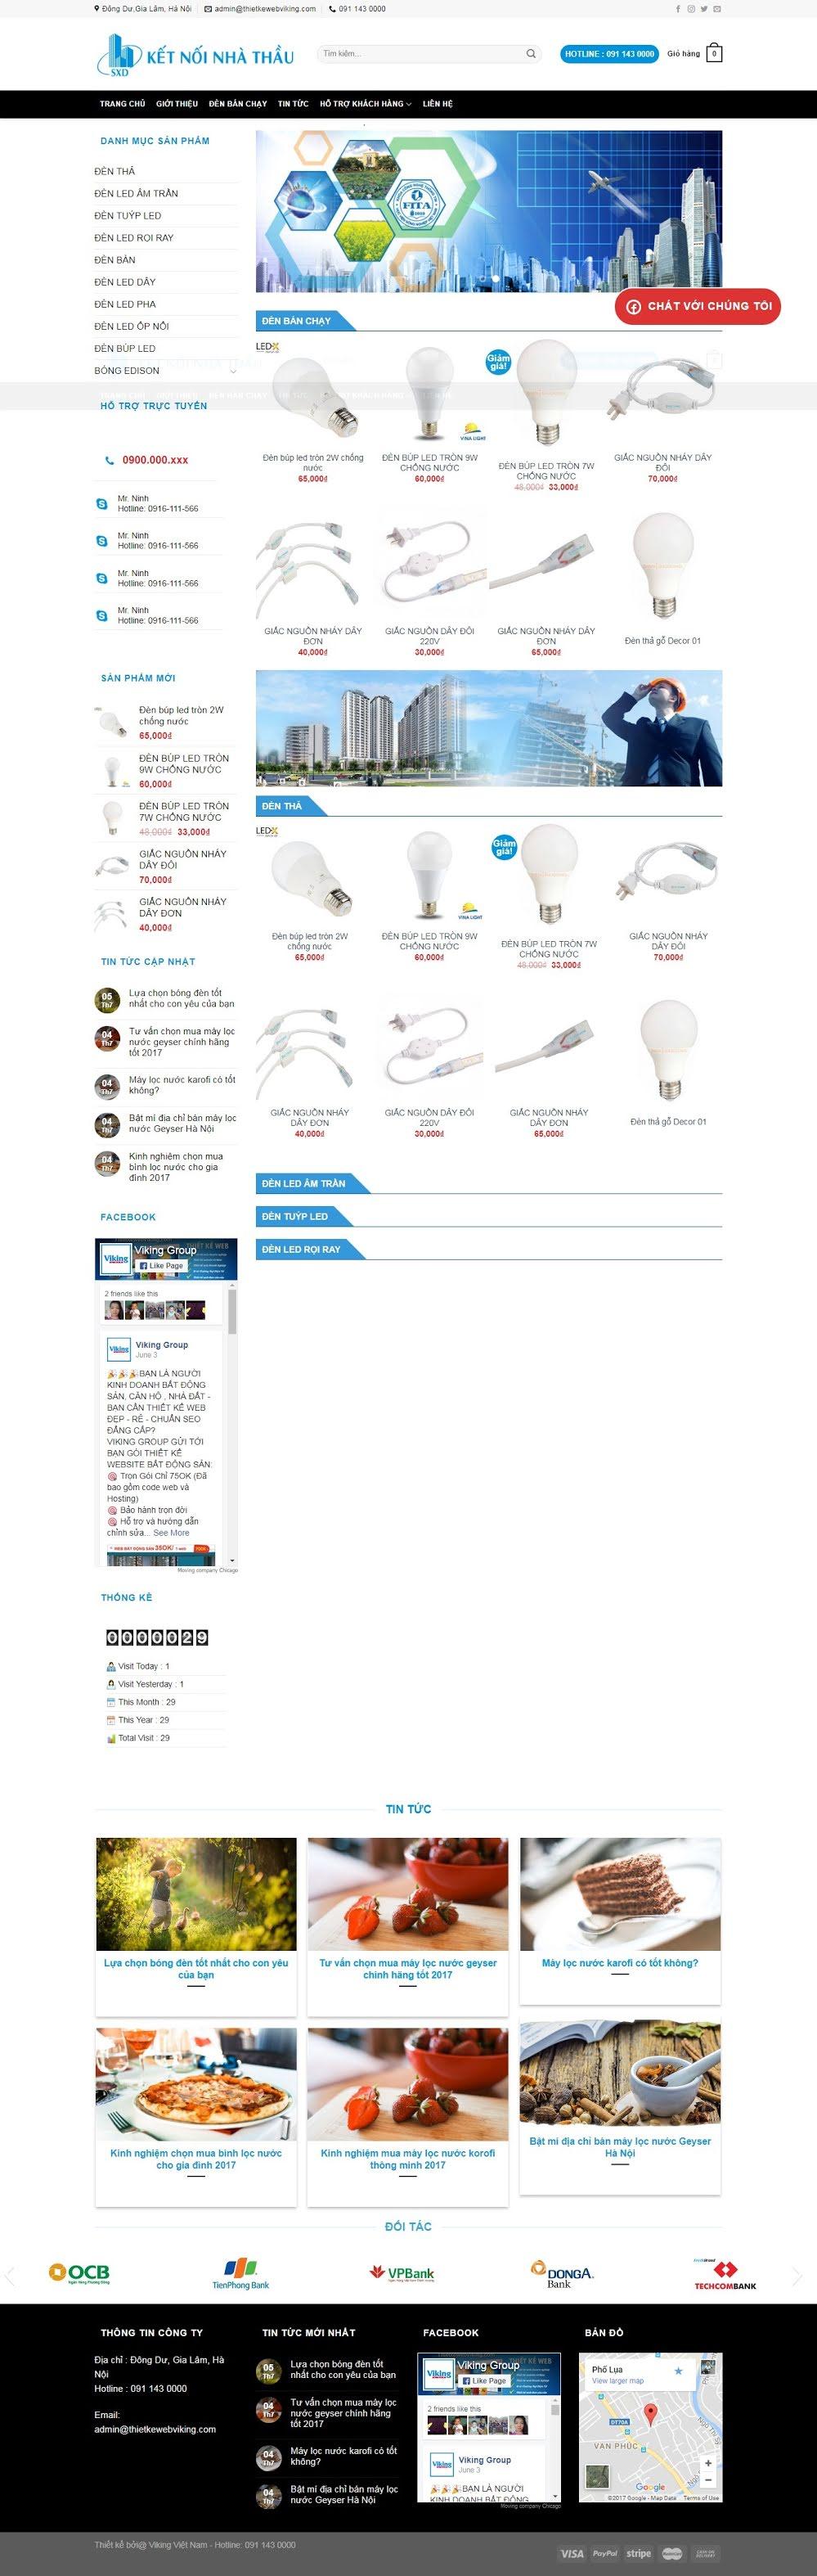 MẪU BÁN HÀNG 040 - đèn điện